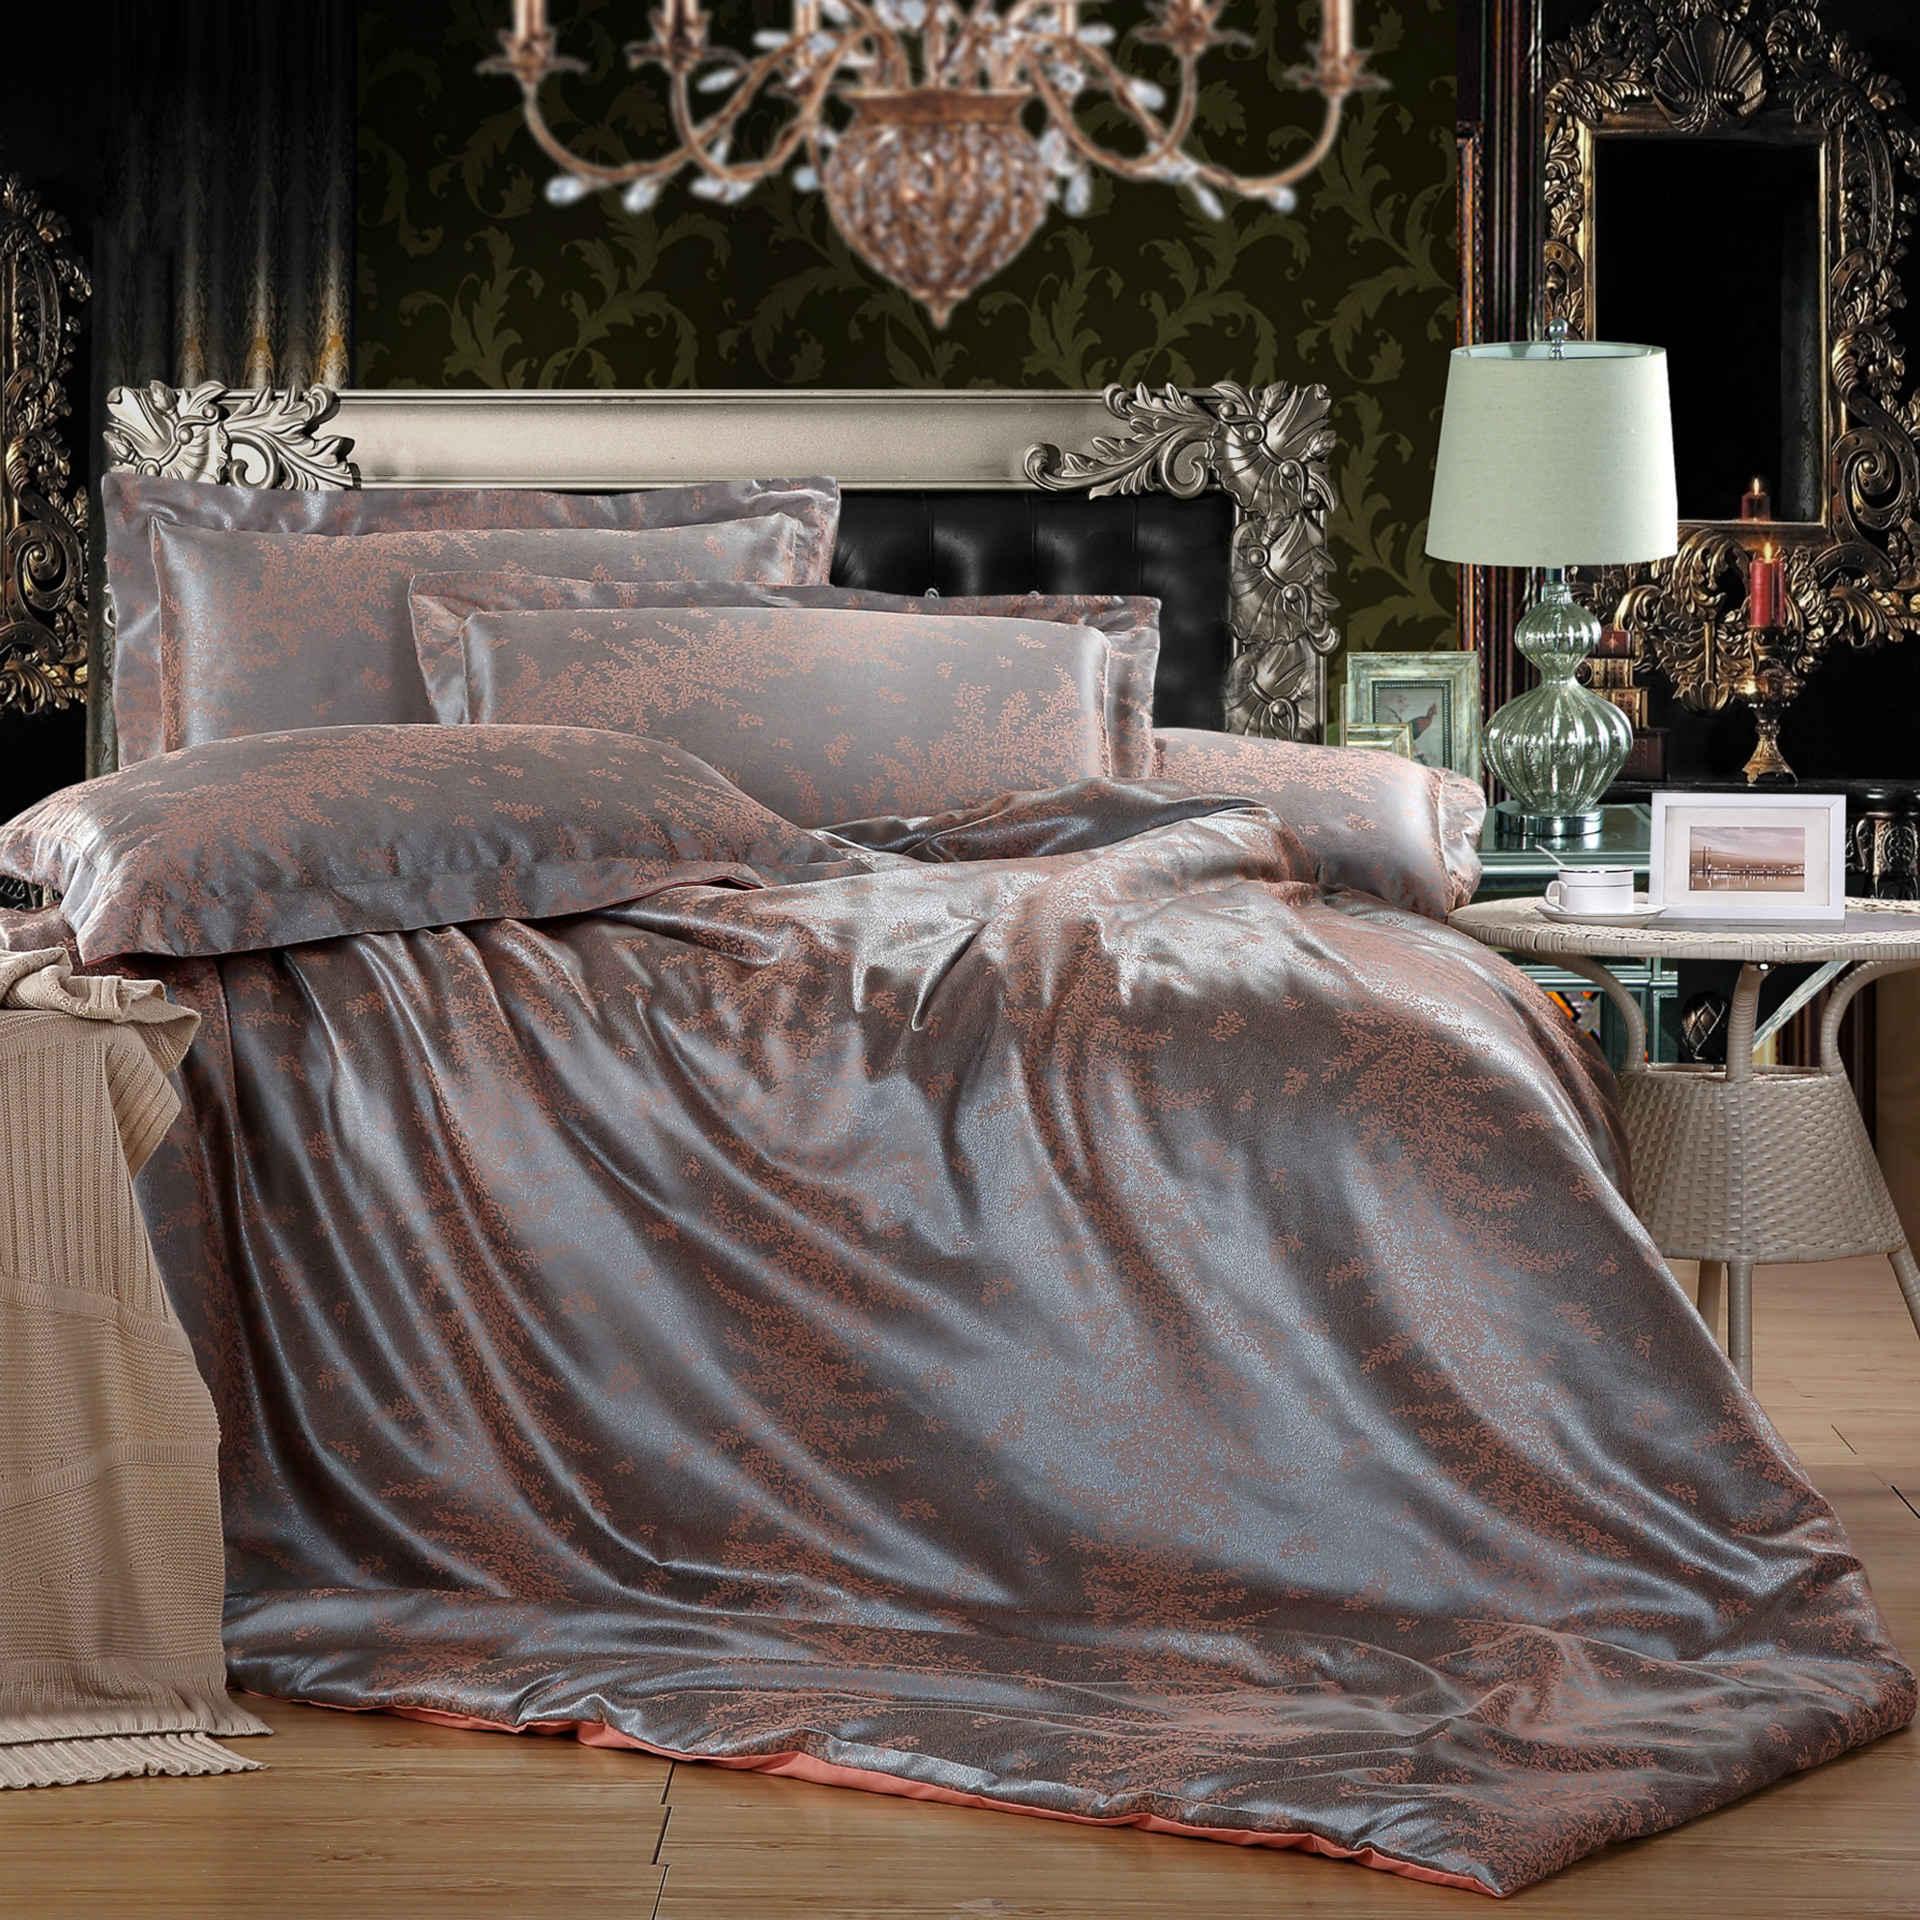 床上用品欧式贡缎四件套婚庆套件批发厂家直销团购一